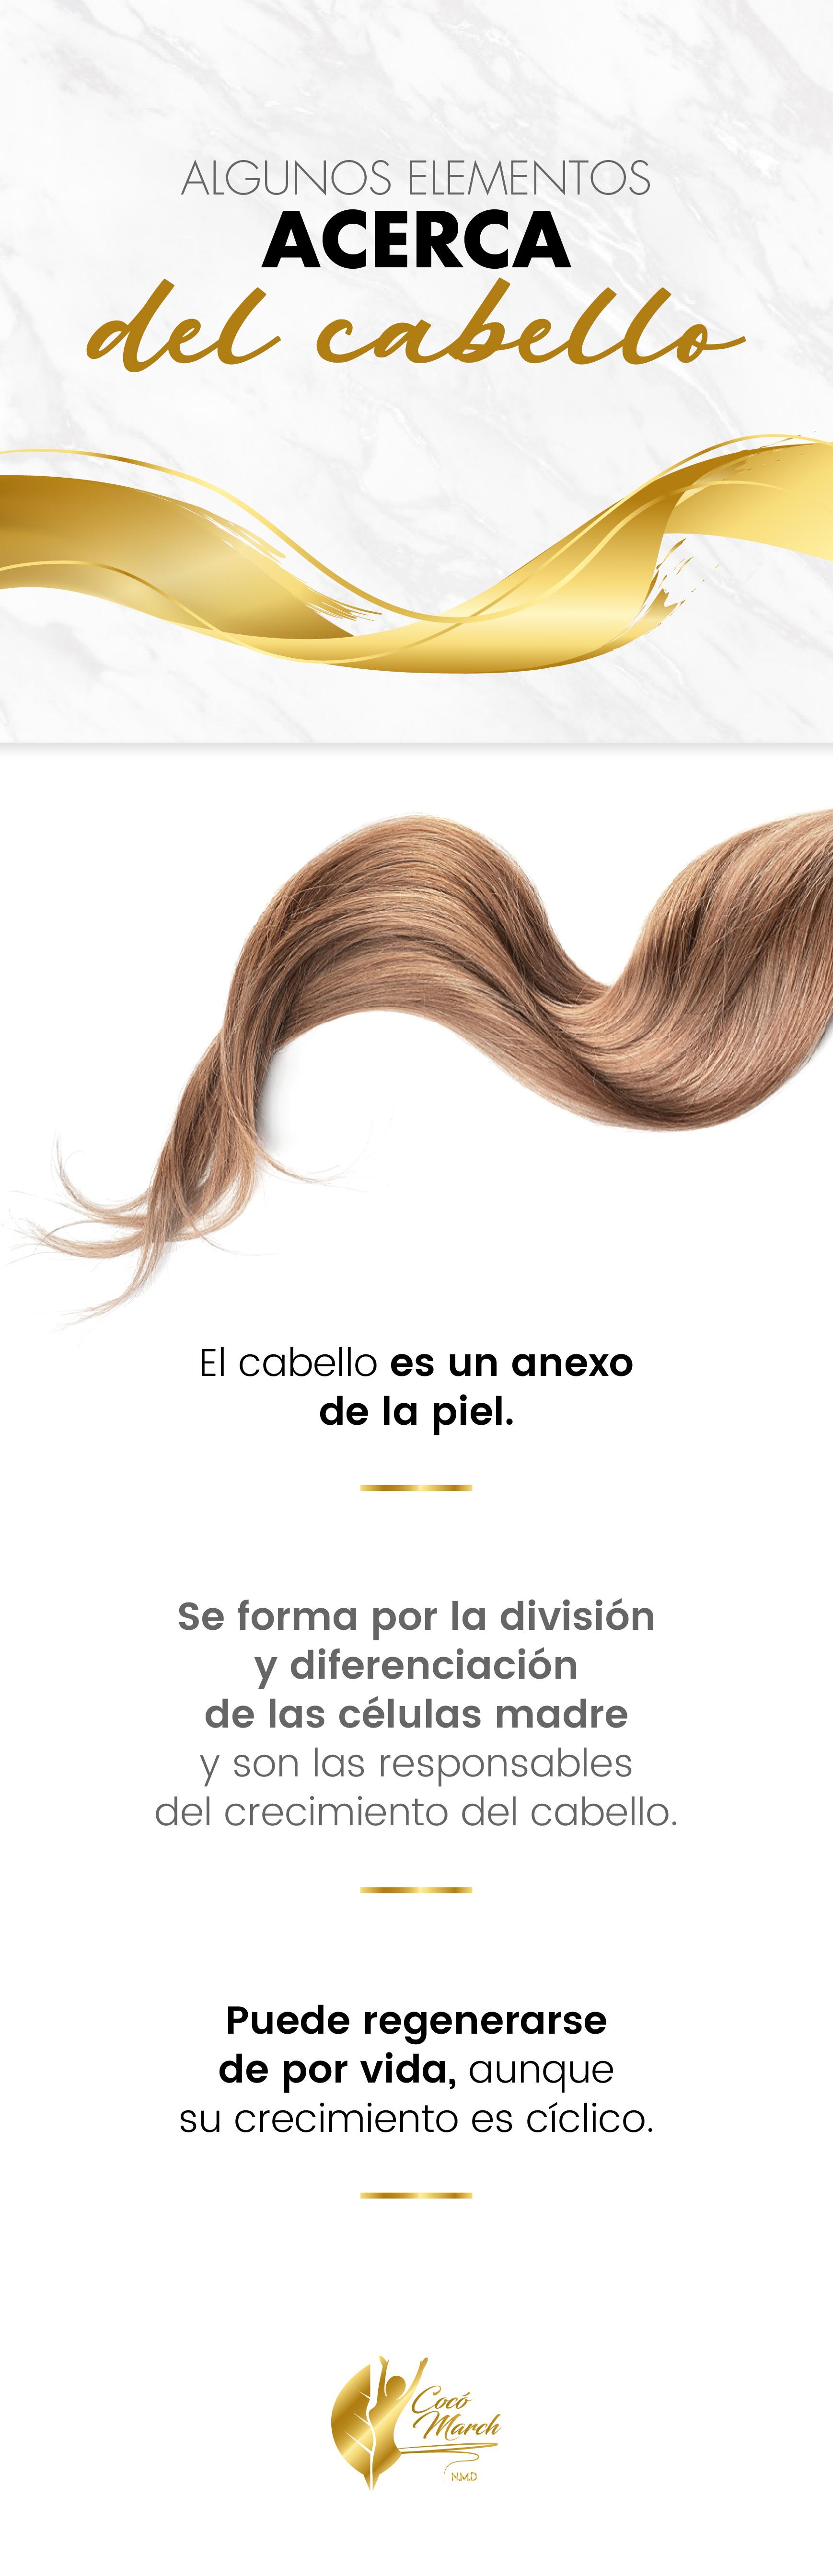 informacion-sobre-el-cabello